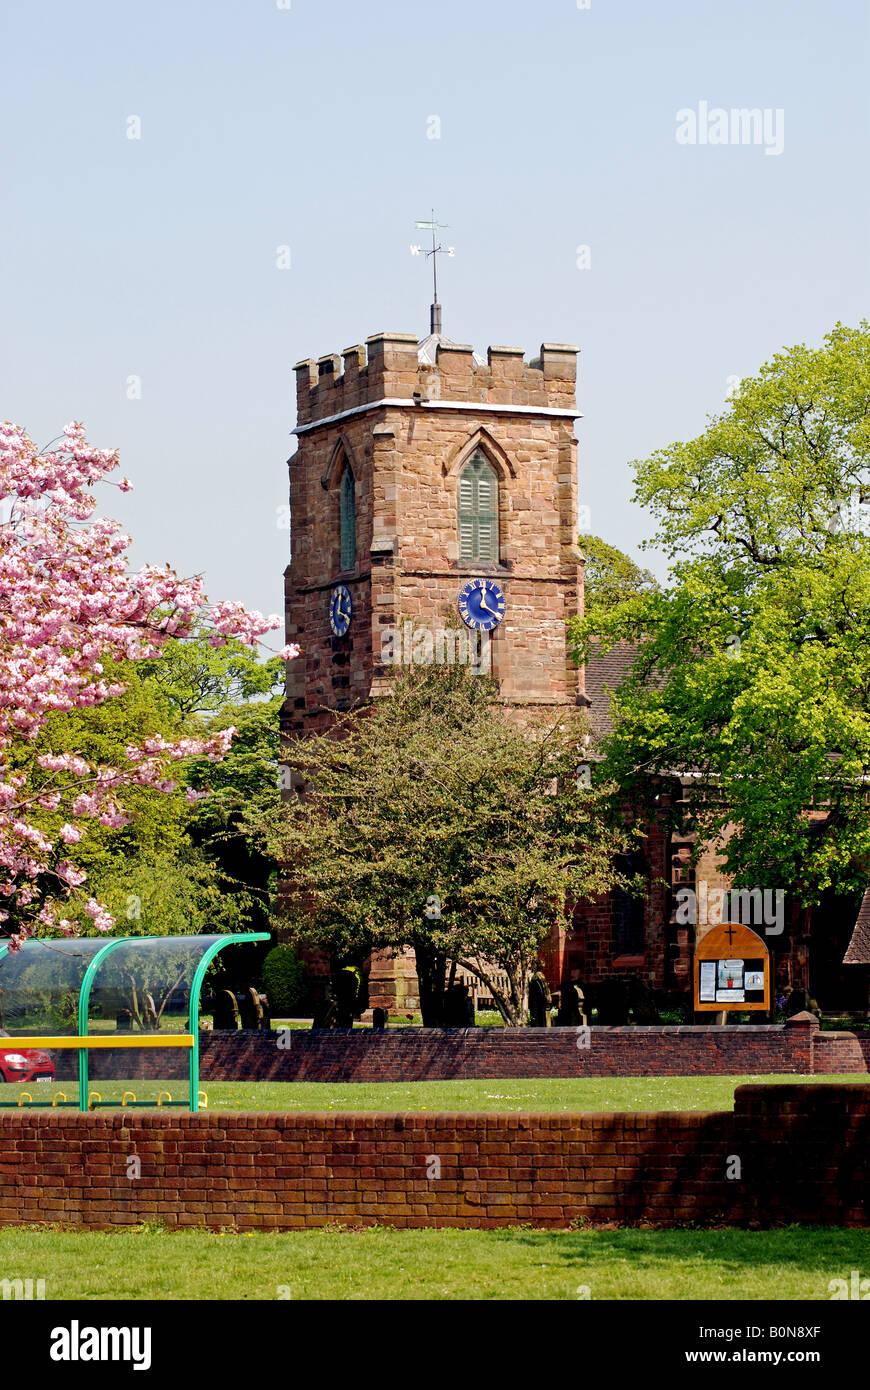 Aldridge West Midlands Stock Photos & Aldridge West Midlands Stock ...